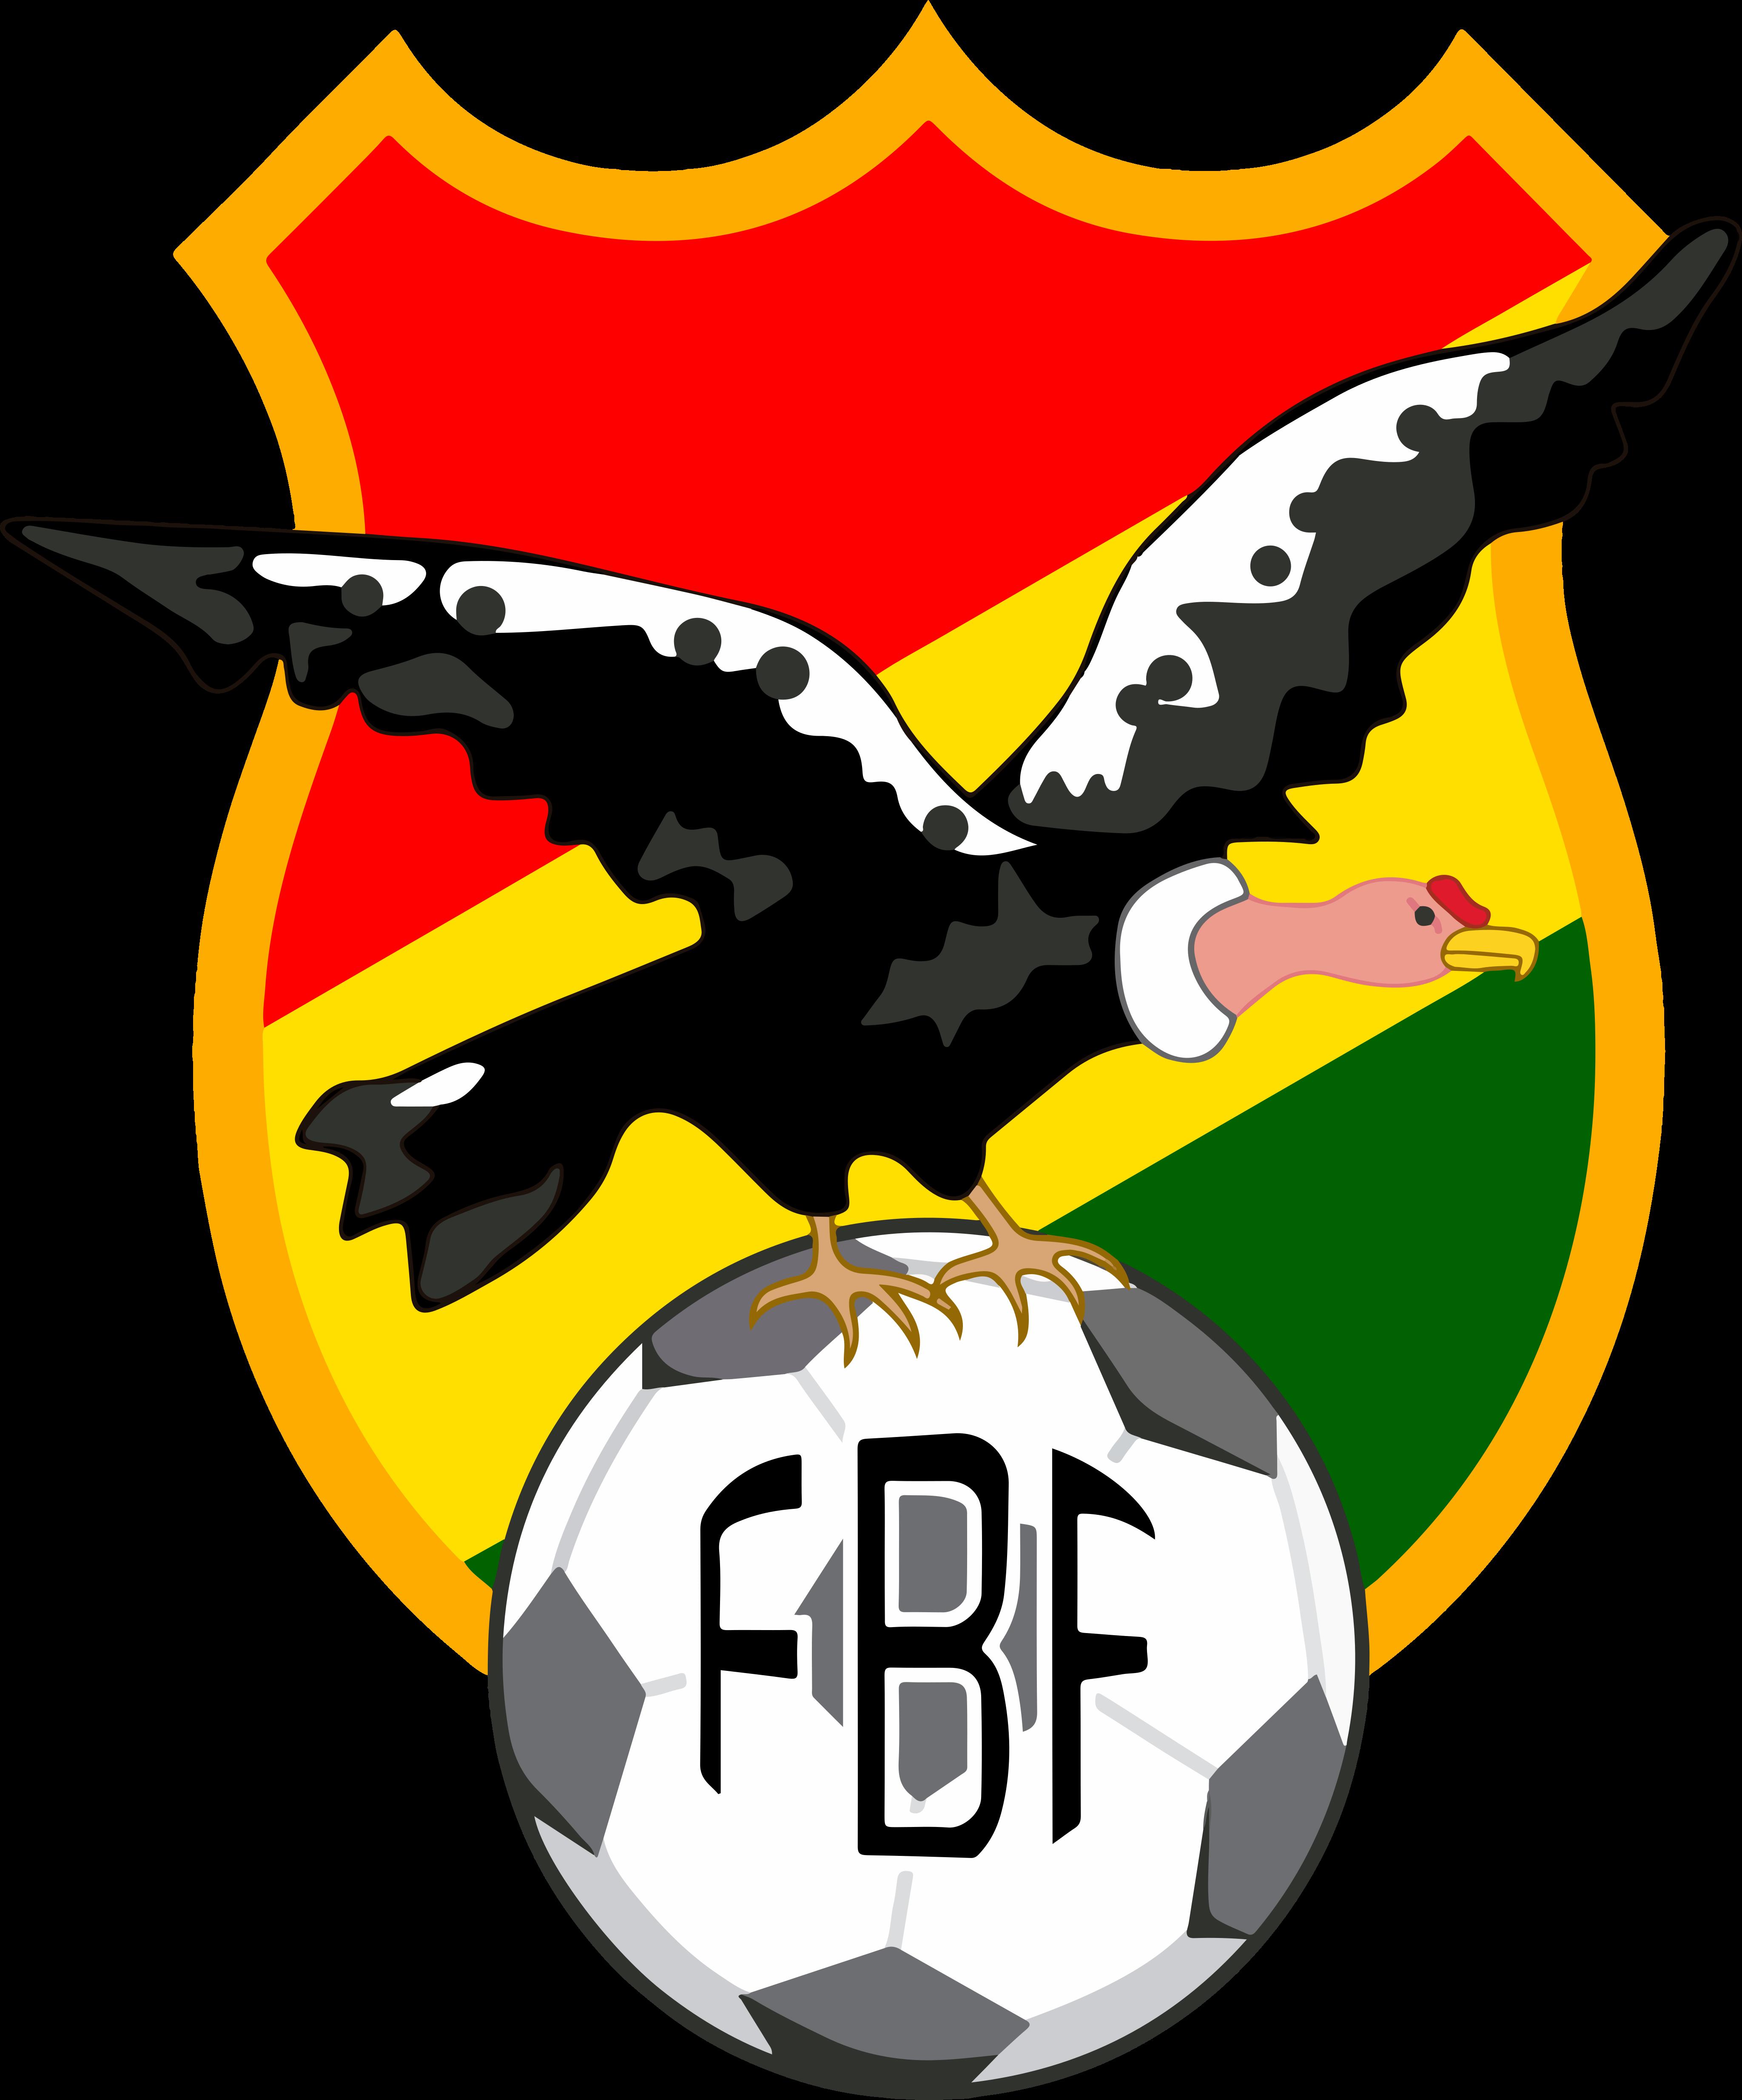 fbf selección de futbol de bolivia logo - FBF Logo - Bolivia National Football Team Logo